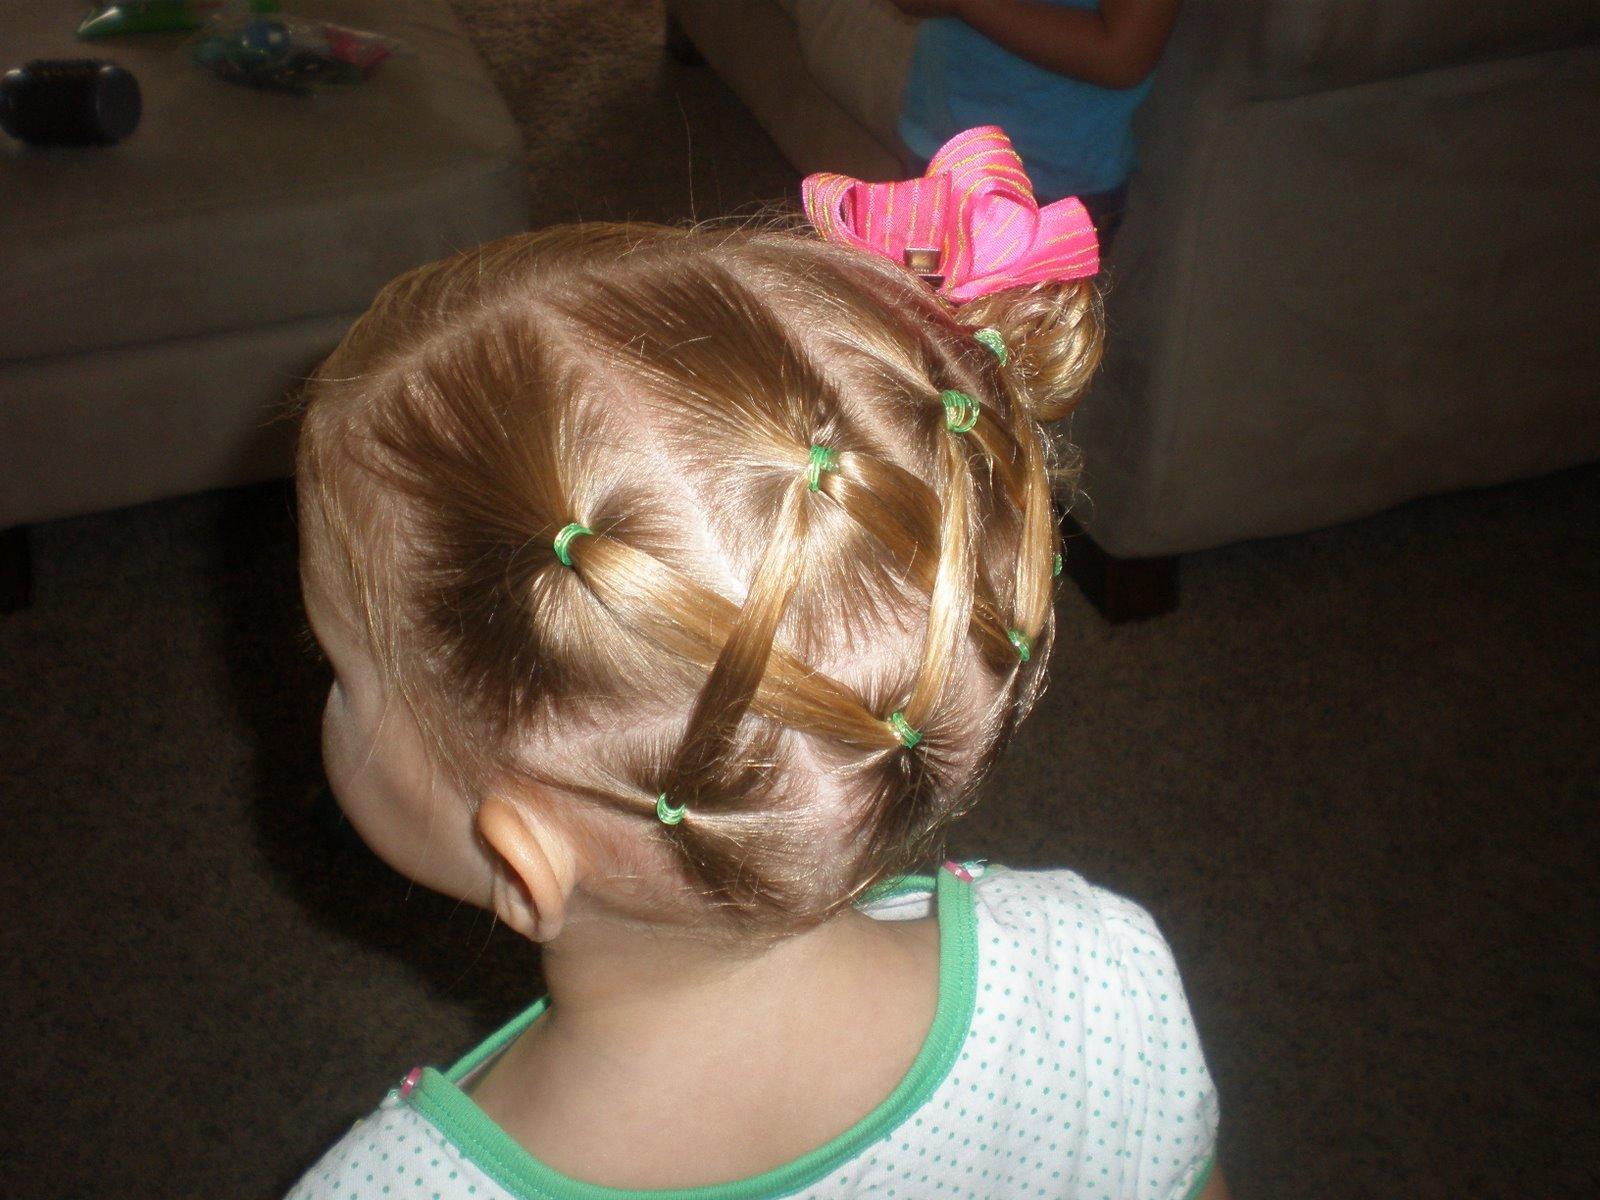 Прически для детей 3 лет коротких волос